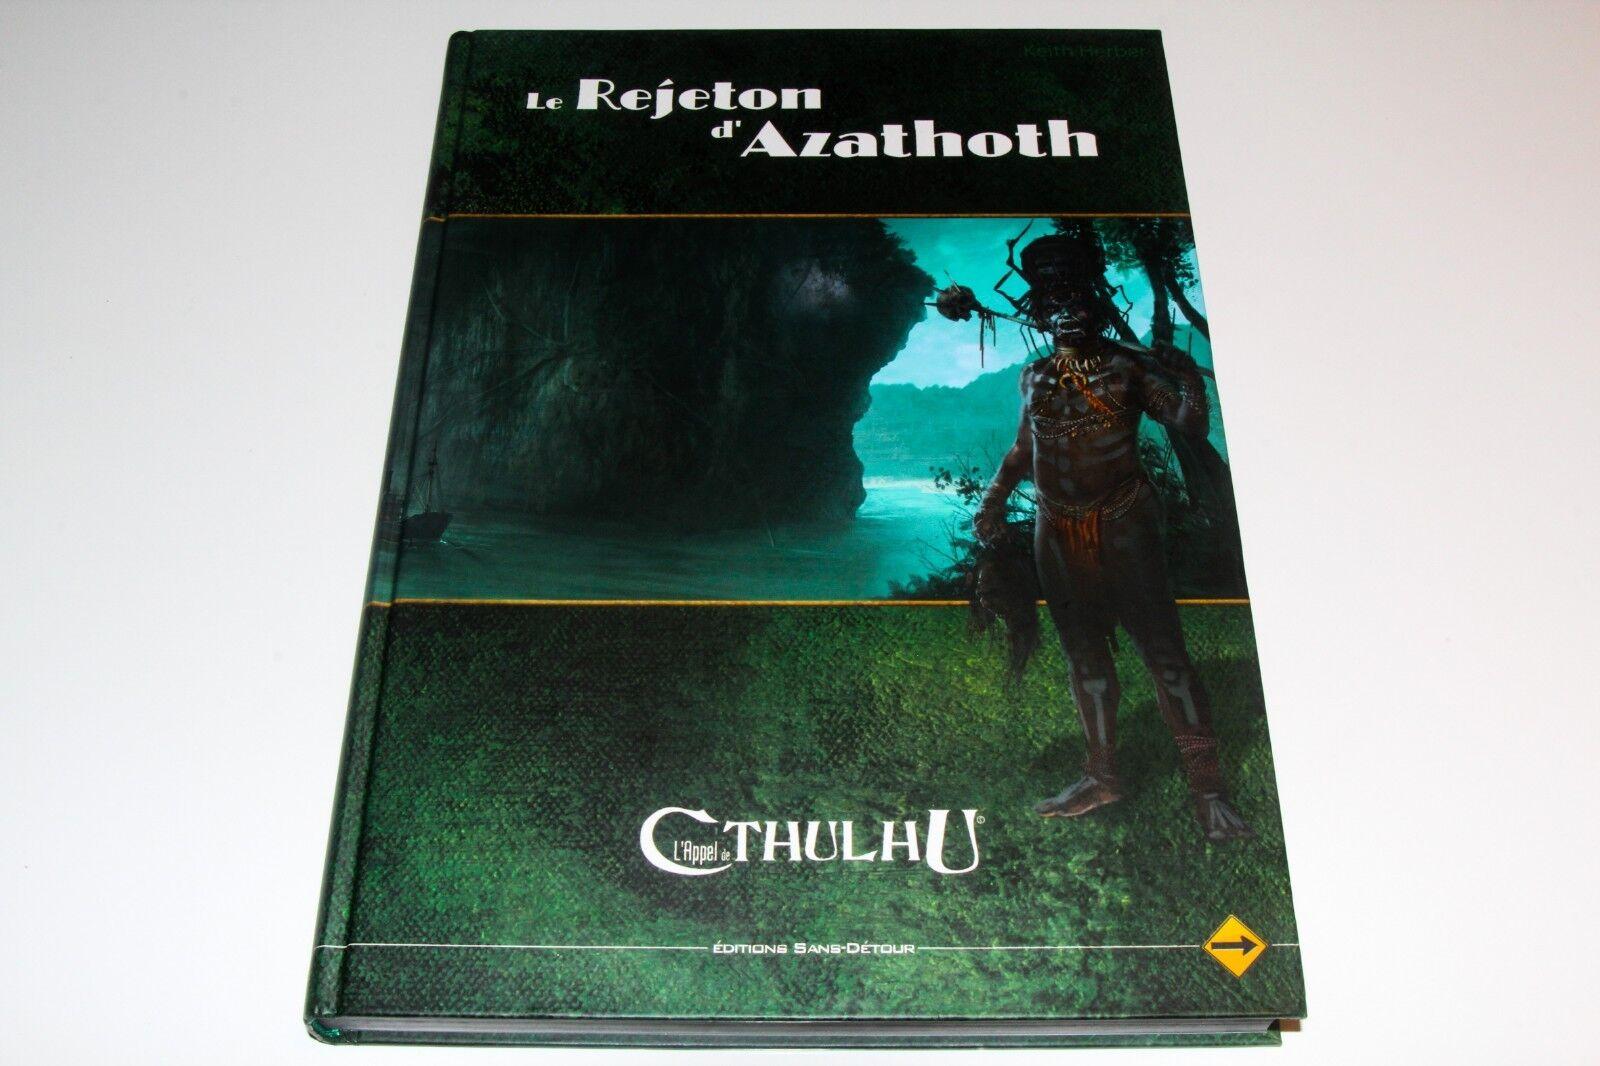 L'APPEL DE CTHULHU - LE REJETON D'AZATHOTH - EDITION SANS DETOUR